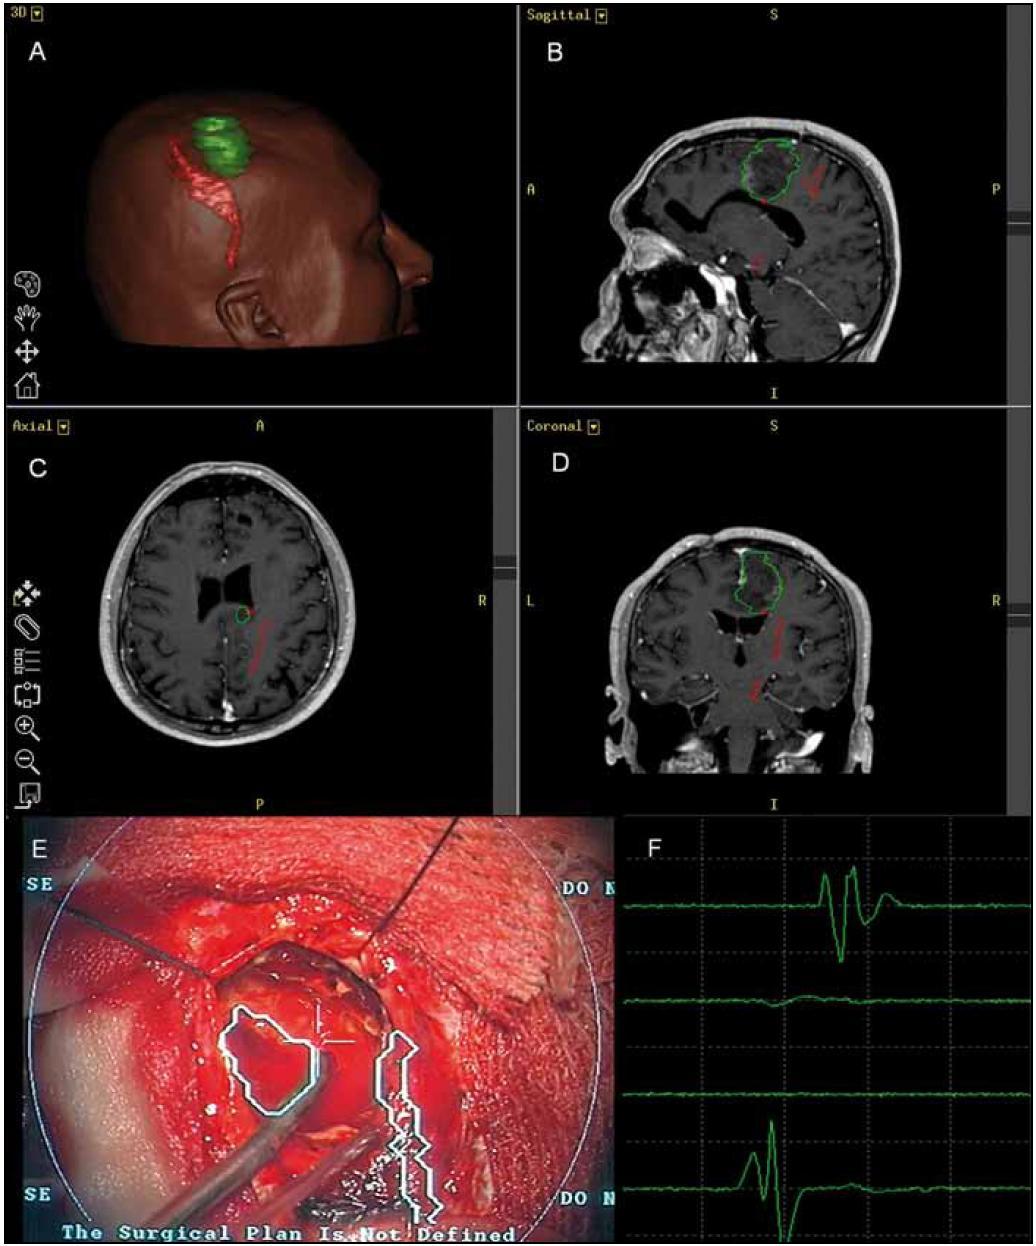 Obr. 3a. 3D model kortikospinální dráhy a její vztah k tumoru, zeleně zobrazen tumor, červeně kortikospinální dráha. b–d) projekce 3D modelu kortikospinální dráhy a tumoru – obrázky z navigace. e) projekce kortikospinální dráhy a tumoru do operačního pole v zorném poli mikroskopu v hloubce odpovídající hloubce fokusu. Ve střední části obrázku patrná stimulační sonda přiložena na plochu resekce do oblasti zobrazení dráhy. f) odpovědi MEP ze svalů při stimulaci (po řadě – svaly tenaru, m. flexor carpi ulnaris, svaly hypotenaru, m. brachioradialis).